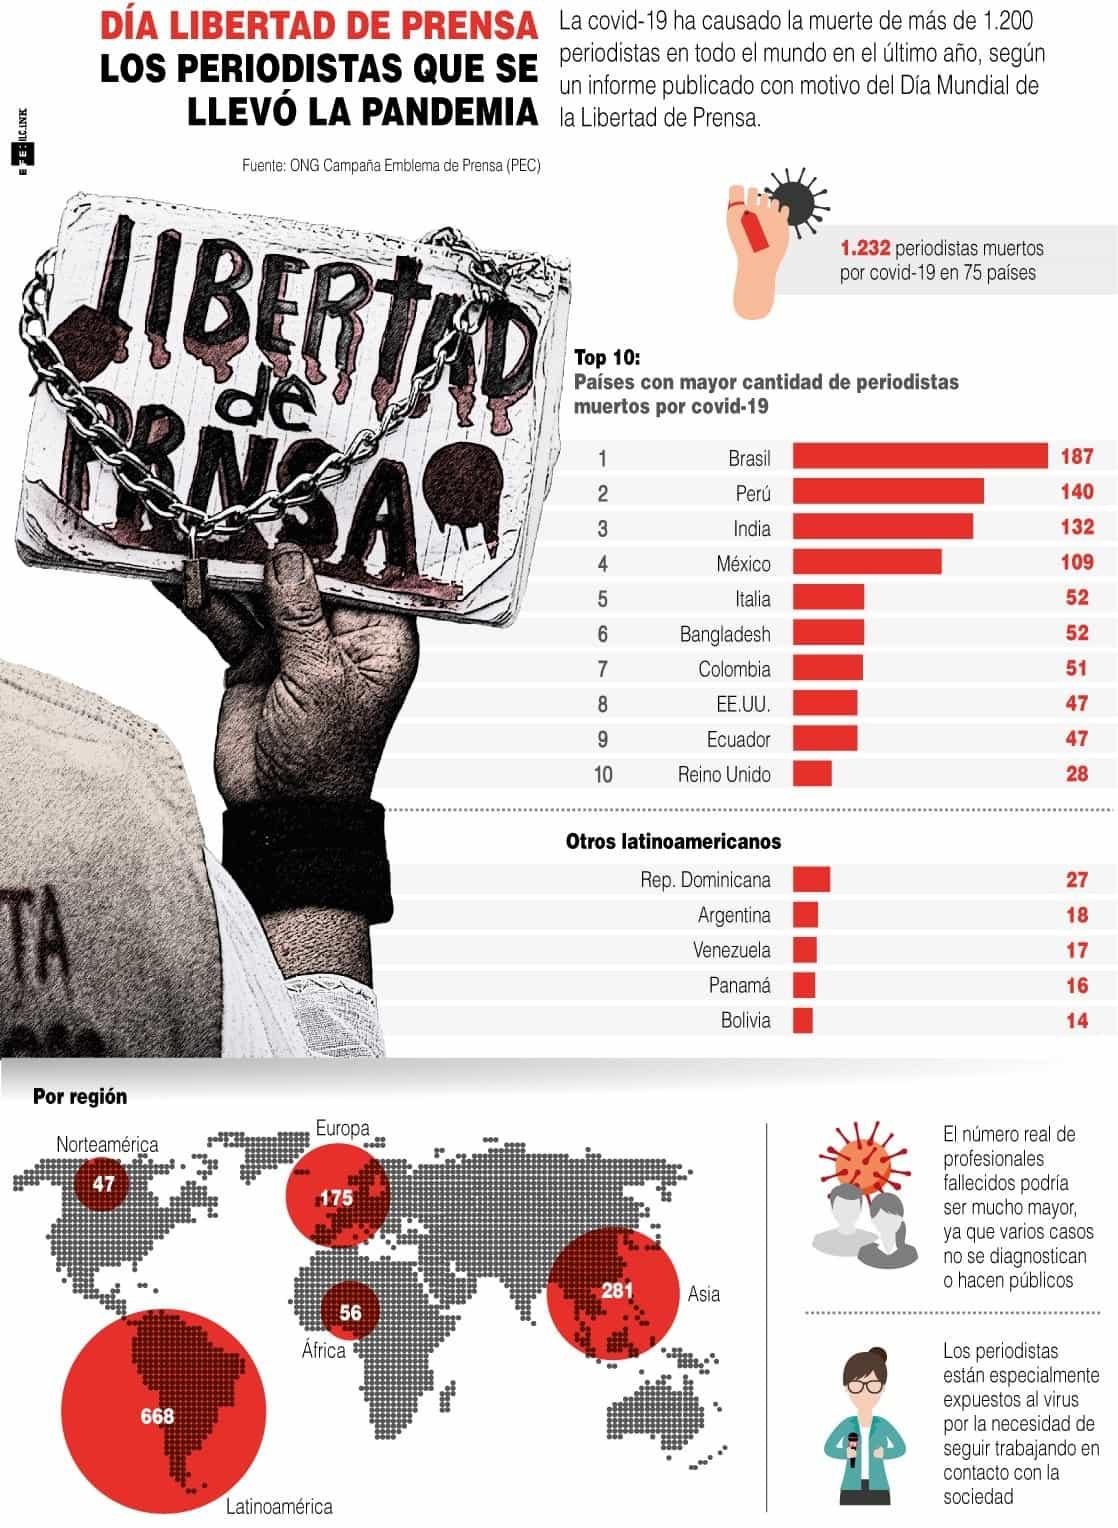 [Infografía] Día libertad de prensa - Los periodistas que se llevó la pandemia 1